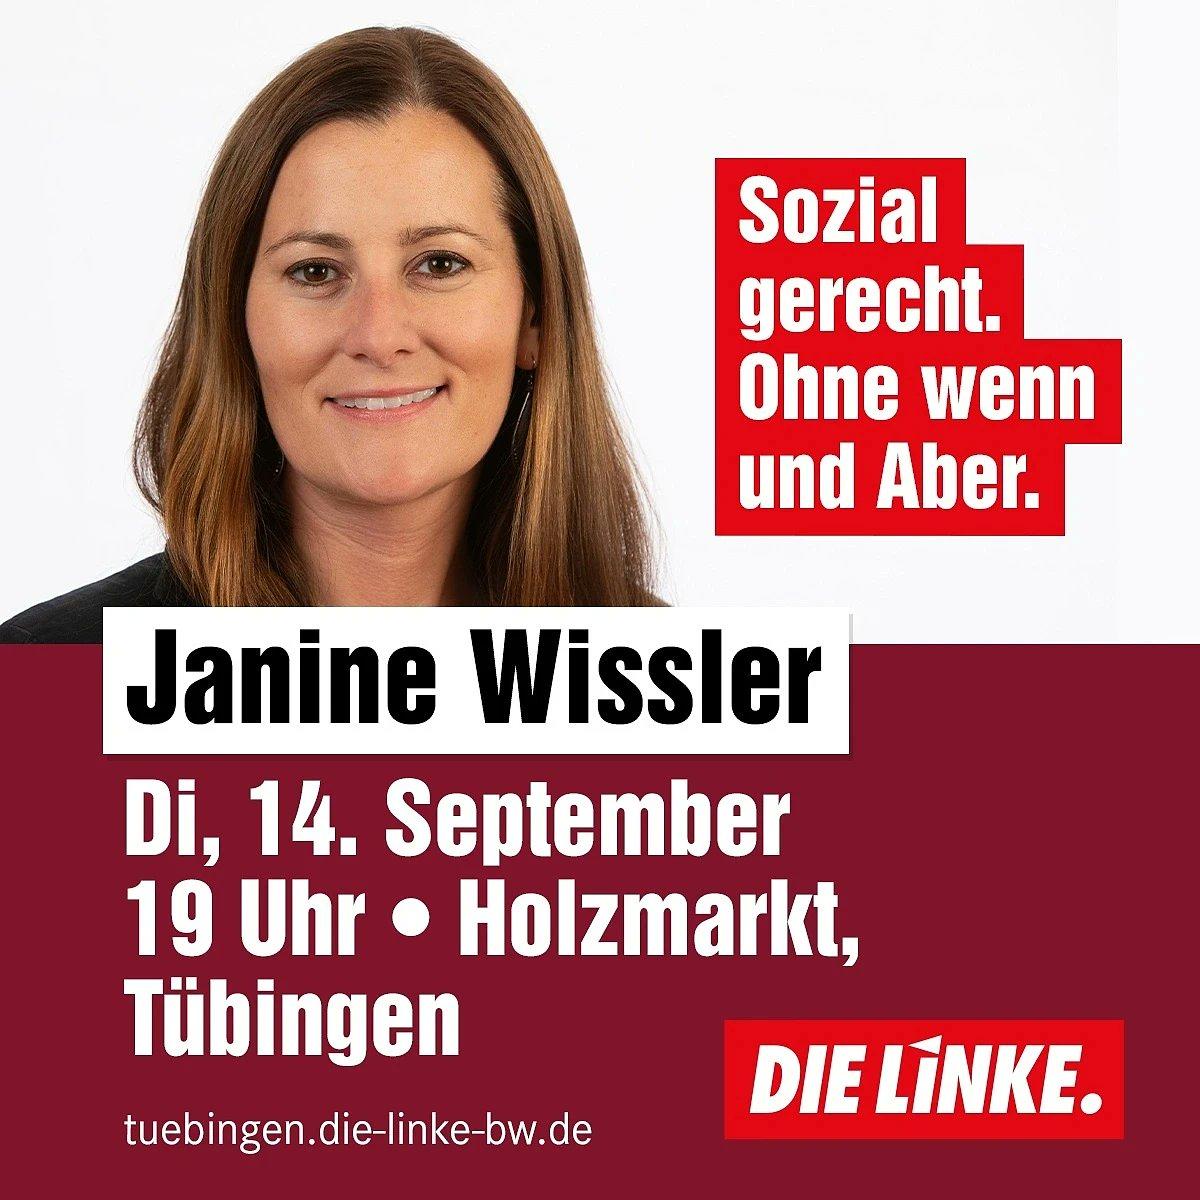 DIE LINKE KV Tübingen linke tuebingen   Twitter